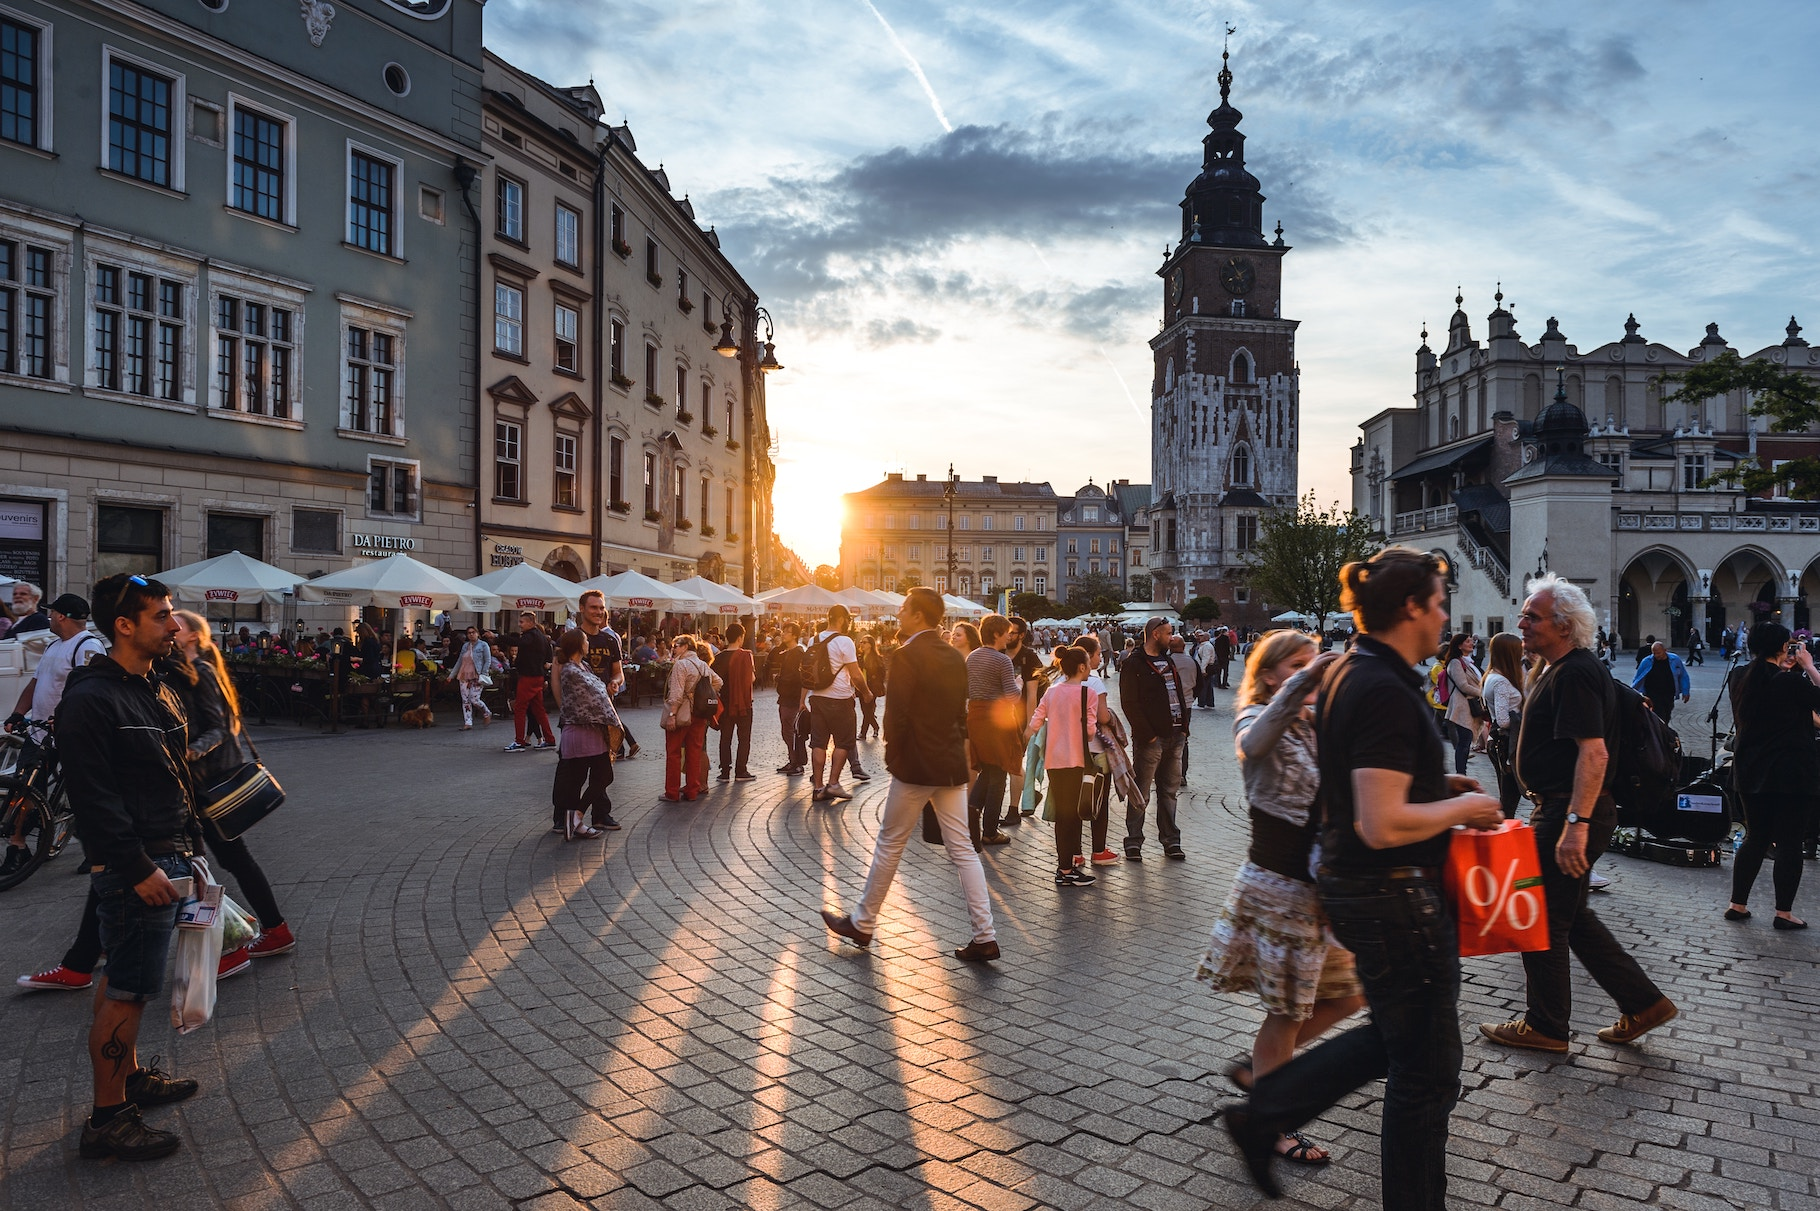 Granty, podatkovi piľgy ta vygidni kredyty — jak Poľšča stymuljuje biznes